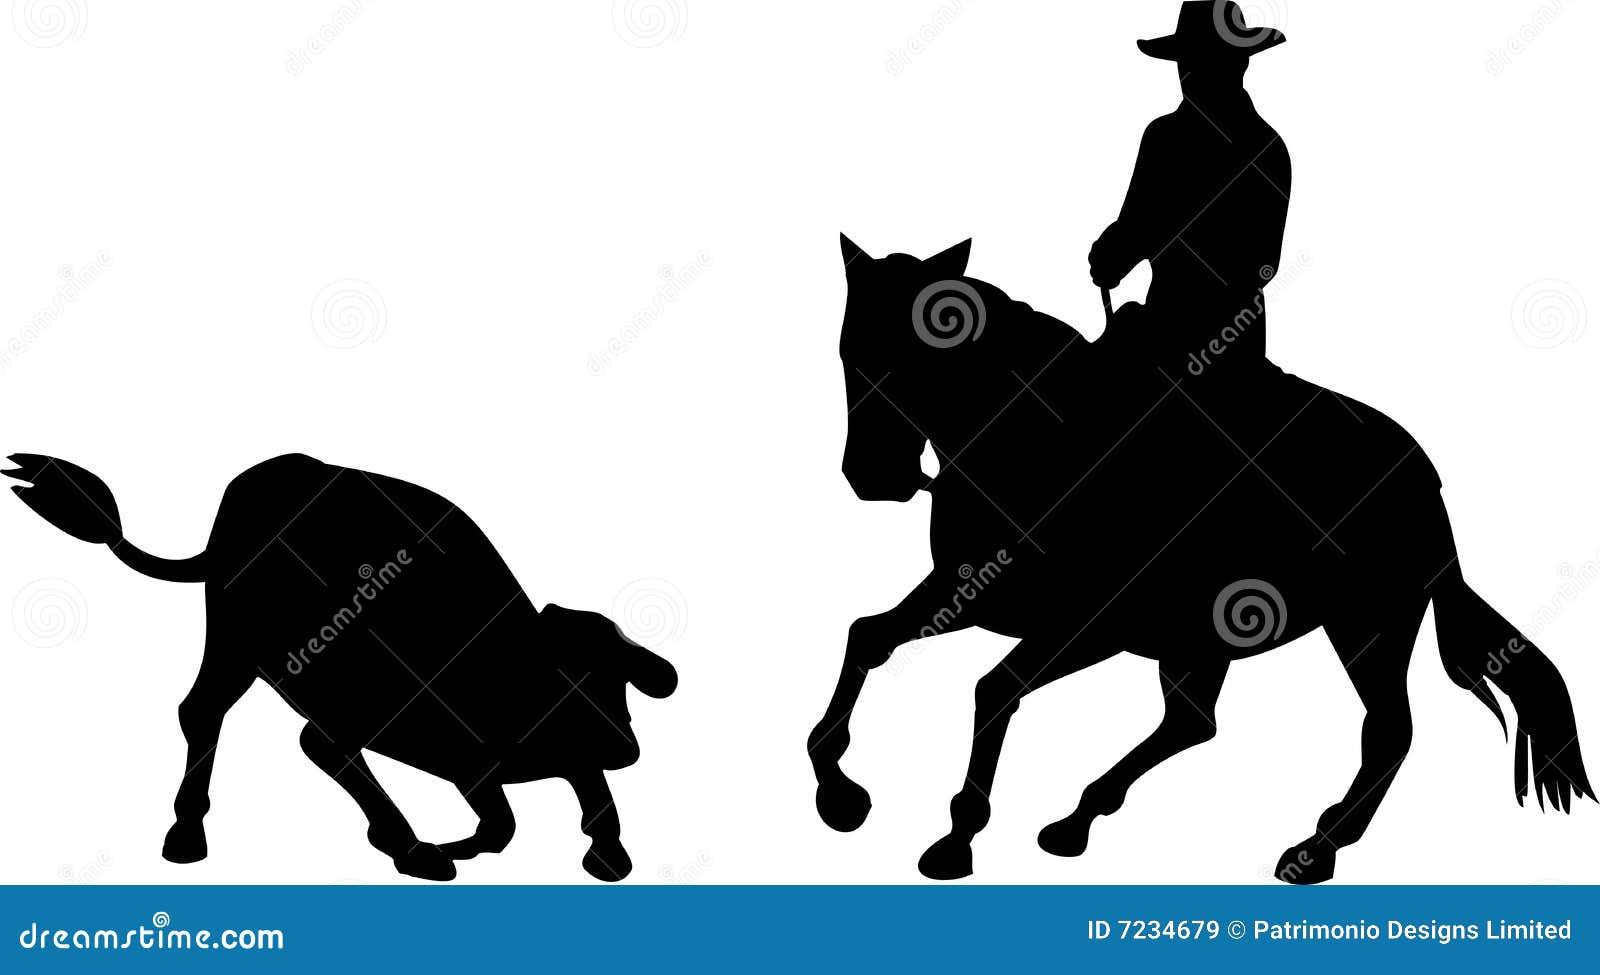 Estaca Do Cavalo Do Cowboy Do Rodeio Imagens De Stock